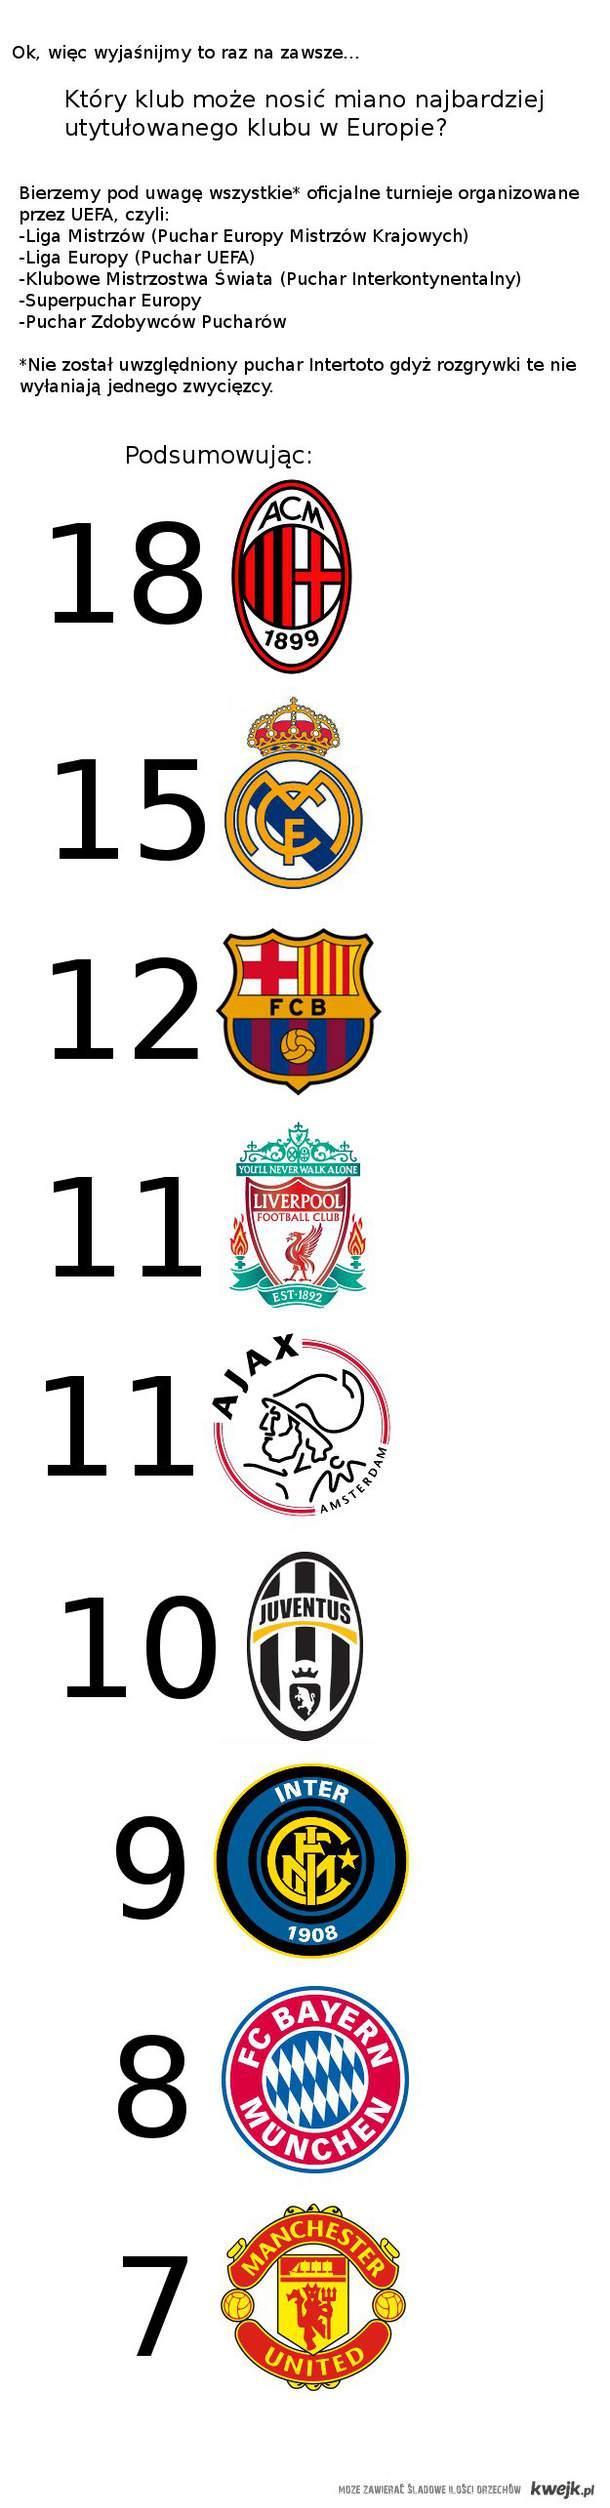 Najbardziej utytułowany klub w Europie